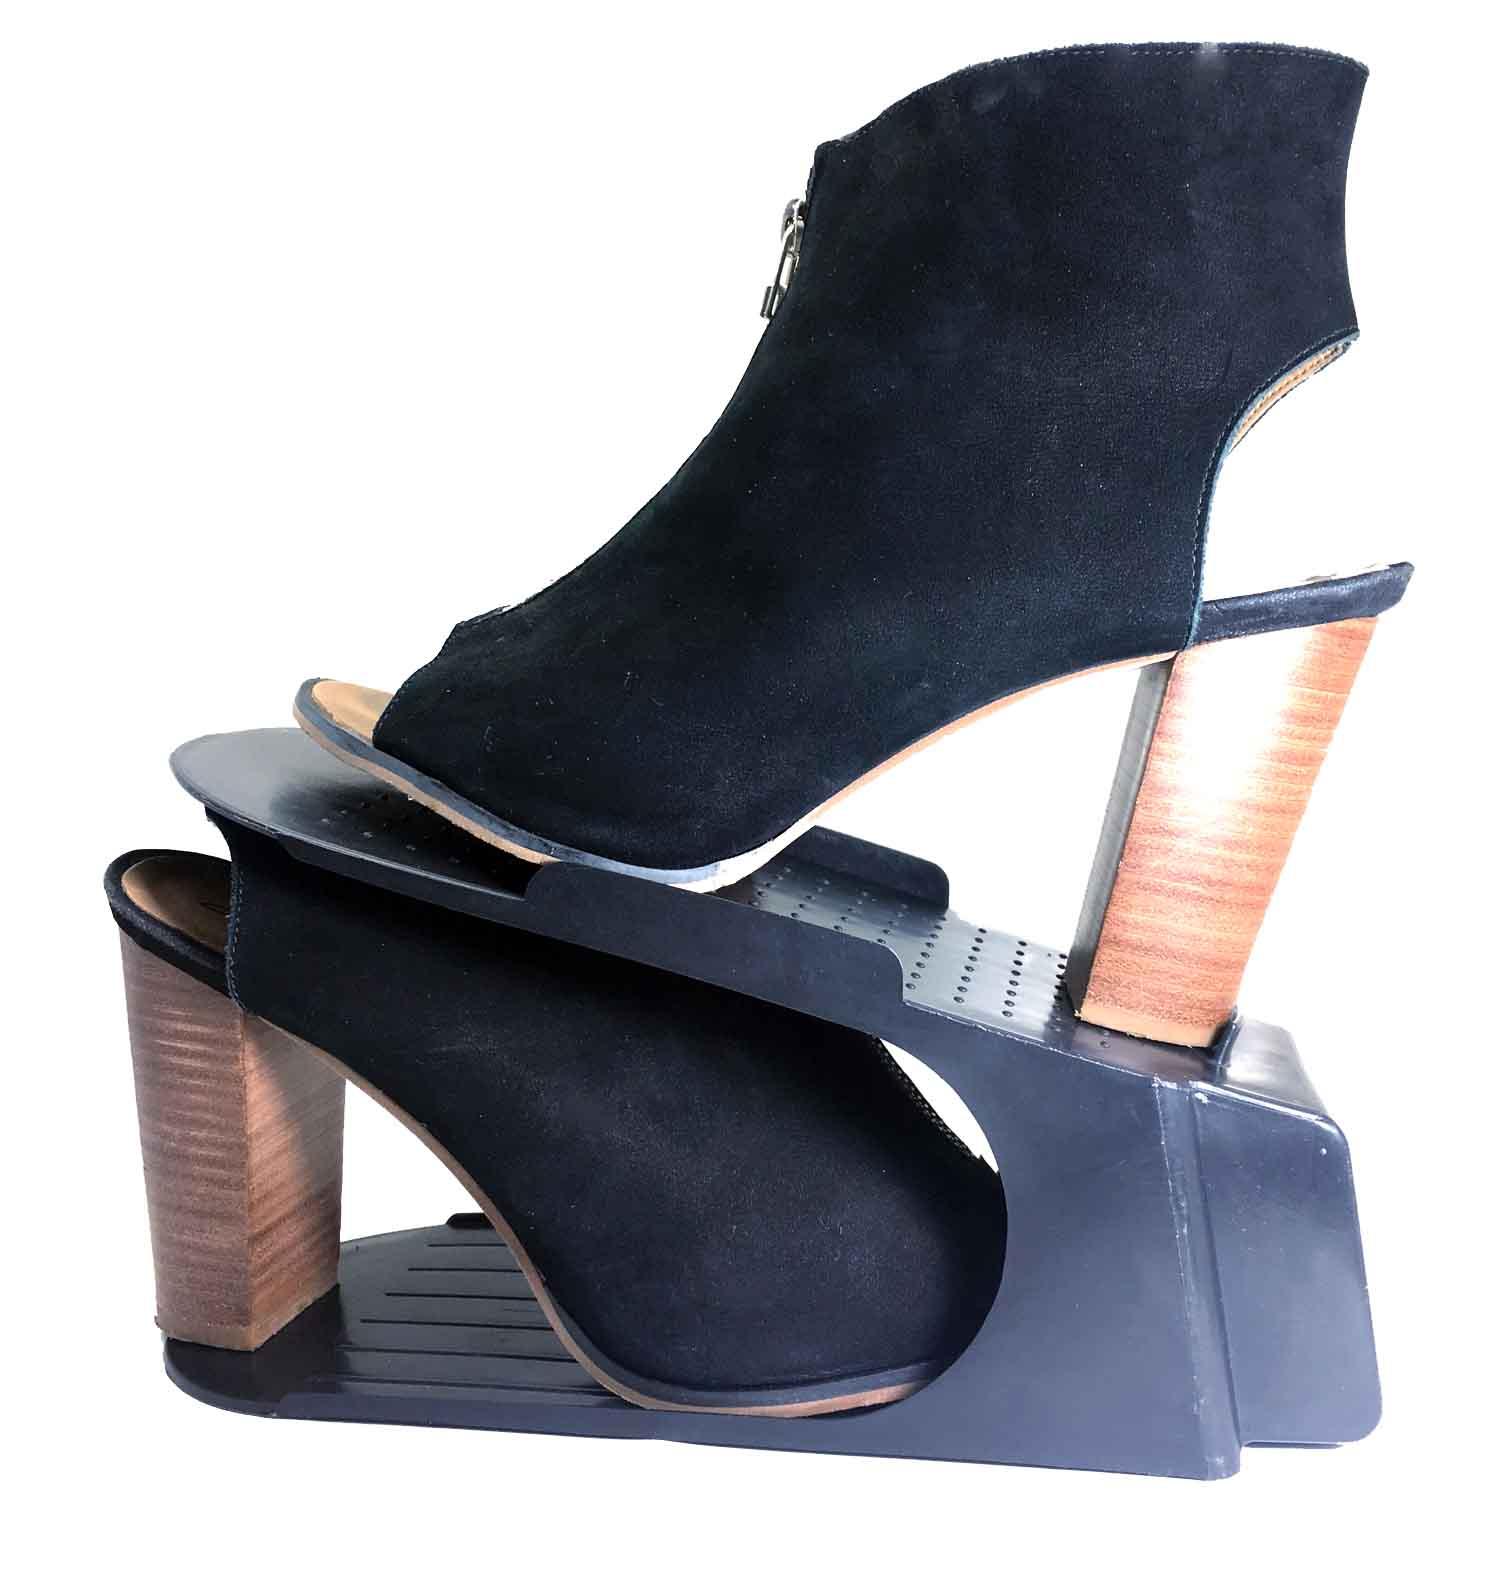 Sapateira Organizadora de Sapatos - 10 Peças - Preto